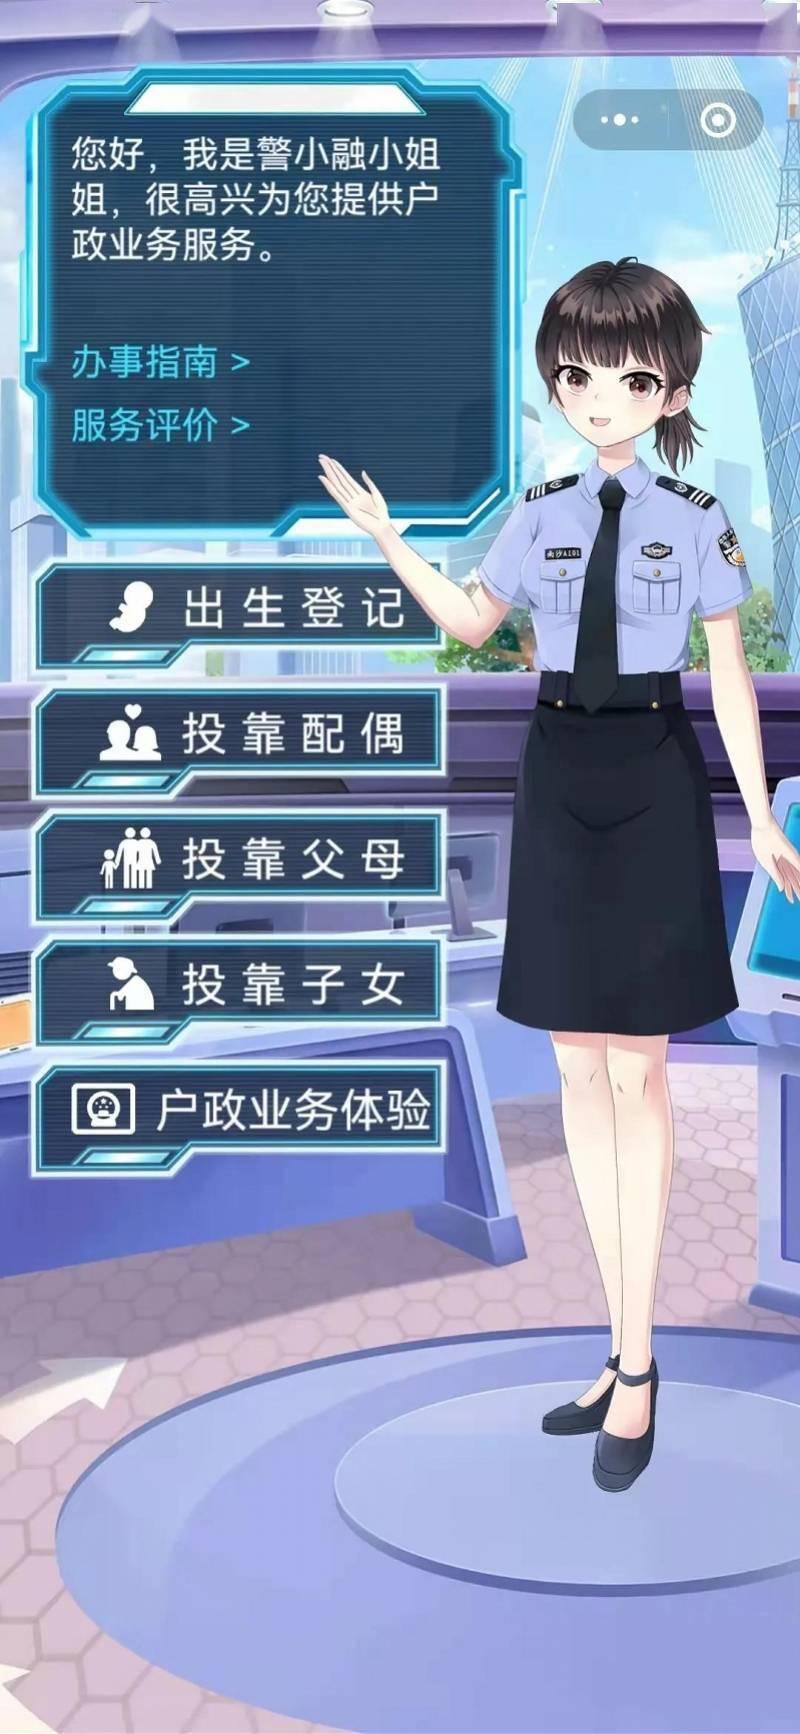 广州南沙上线全国首个AI警员机器人!助力在线办理户政业务